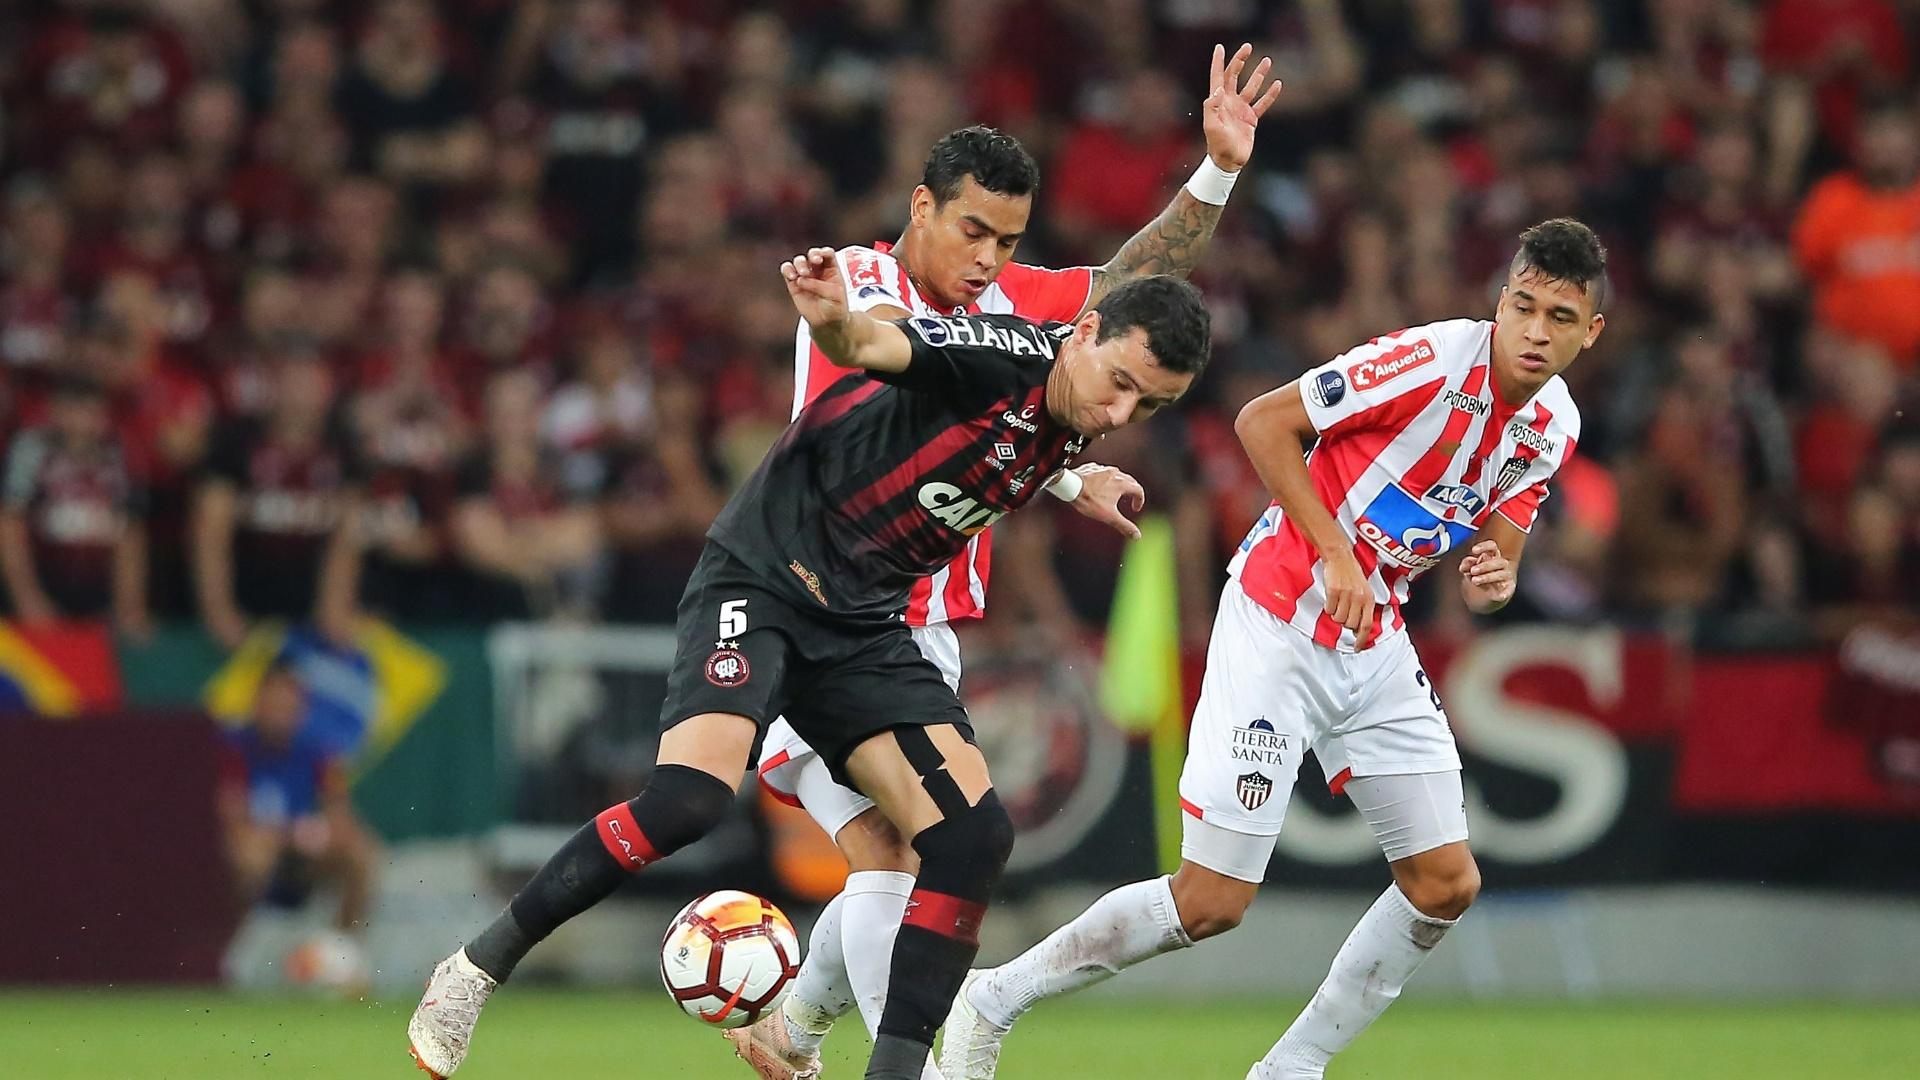 Pablo disputa bola durante Atlético-PR x Junior de Barranquilla